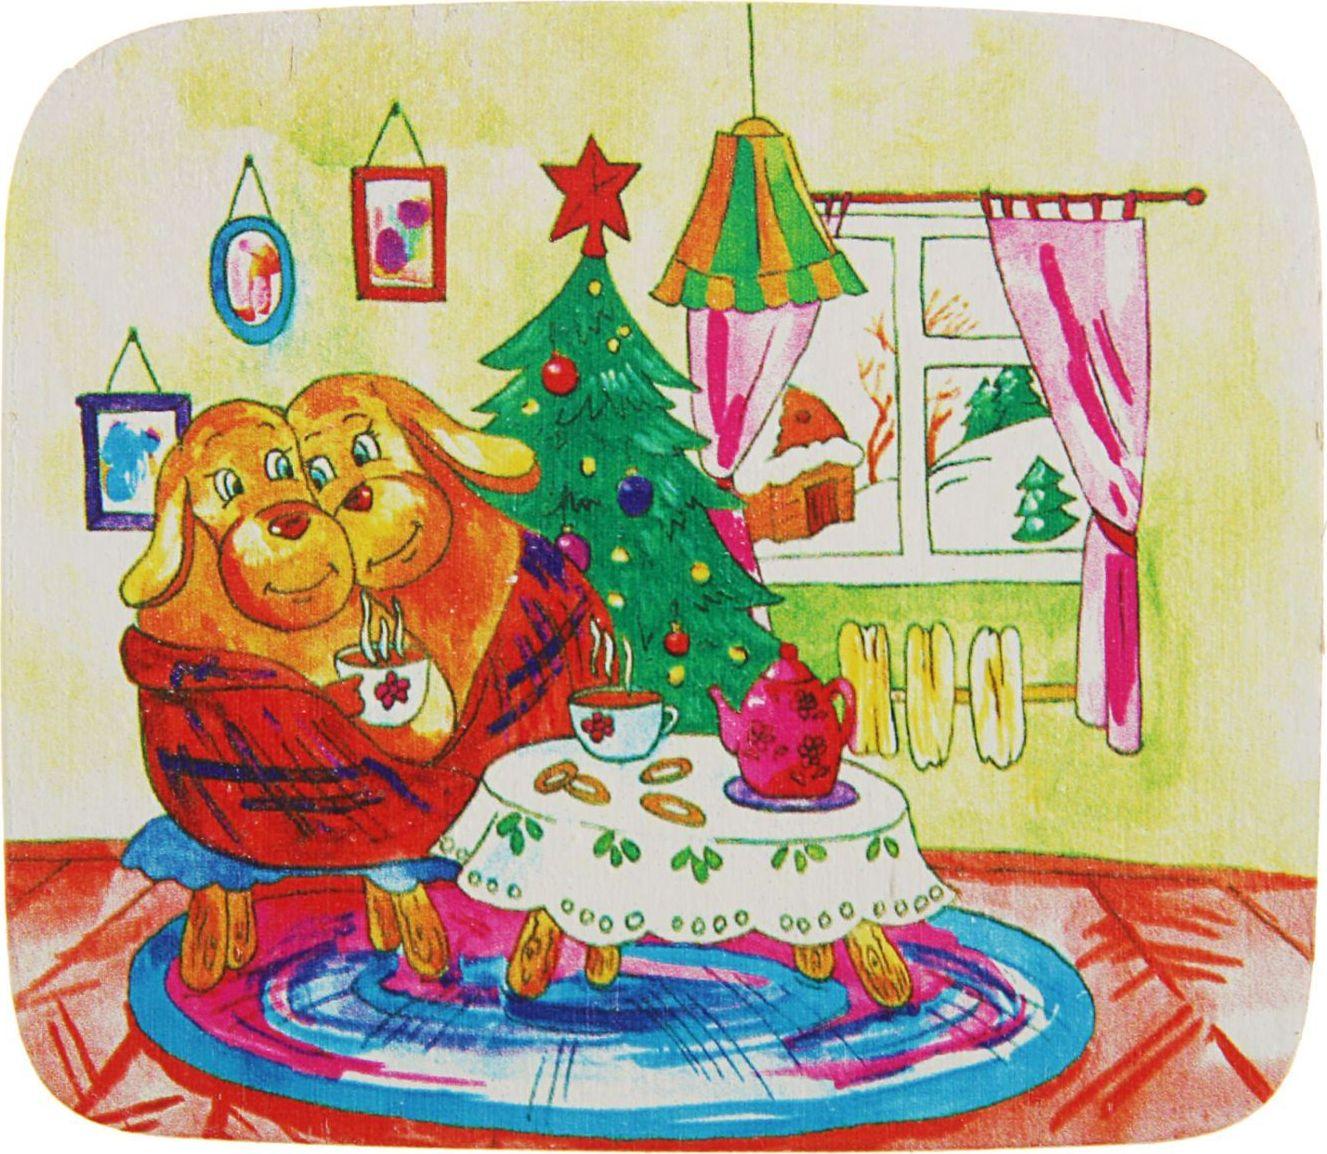 Магнит ТД ДМ Уют. Символ года, 7 х 8 см2368021Порадуйте родных и близких оригинальным сувениром: преподнесите в подарок магнит. С ним даже самый серьёзный человек почувствует себя ребёнком, ожидающим чудо! Создайте праздничное настроение, и оно останется с вами на весь год.